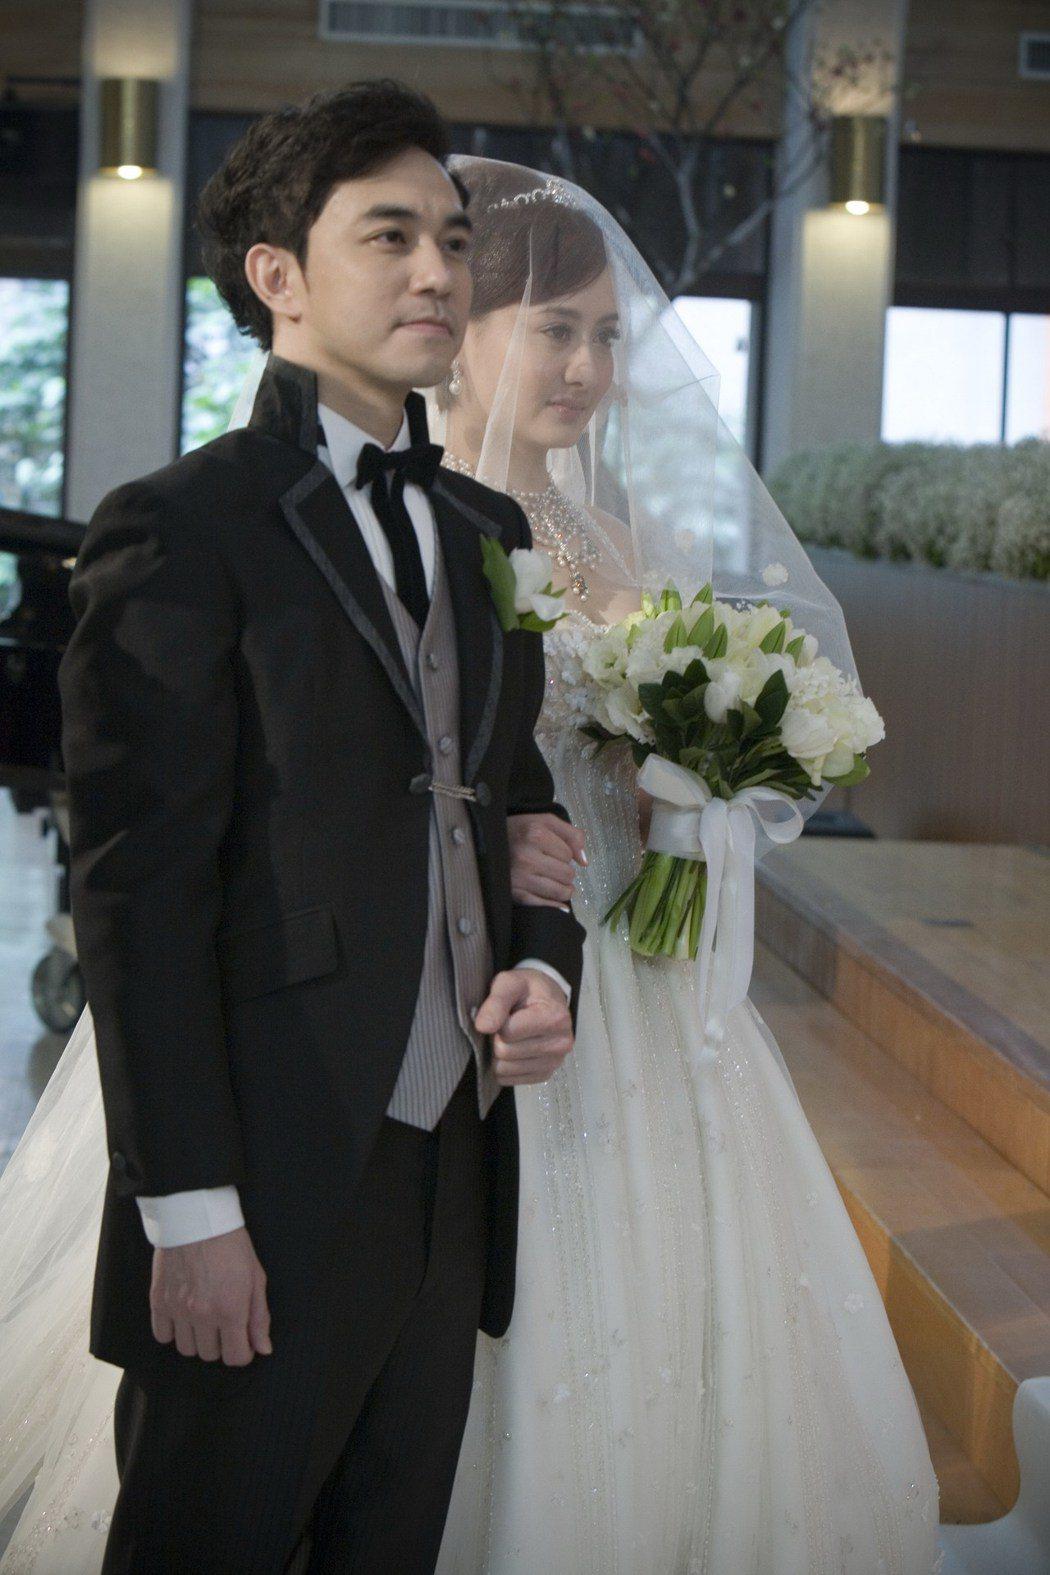 一代玉女明星陳德容(右)當年下嫁王贊策引起圈內一陣轟動。圖/凱立演藝提供